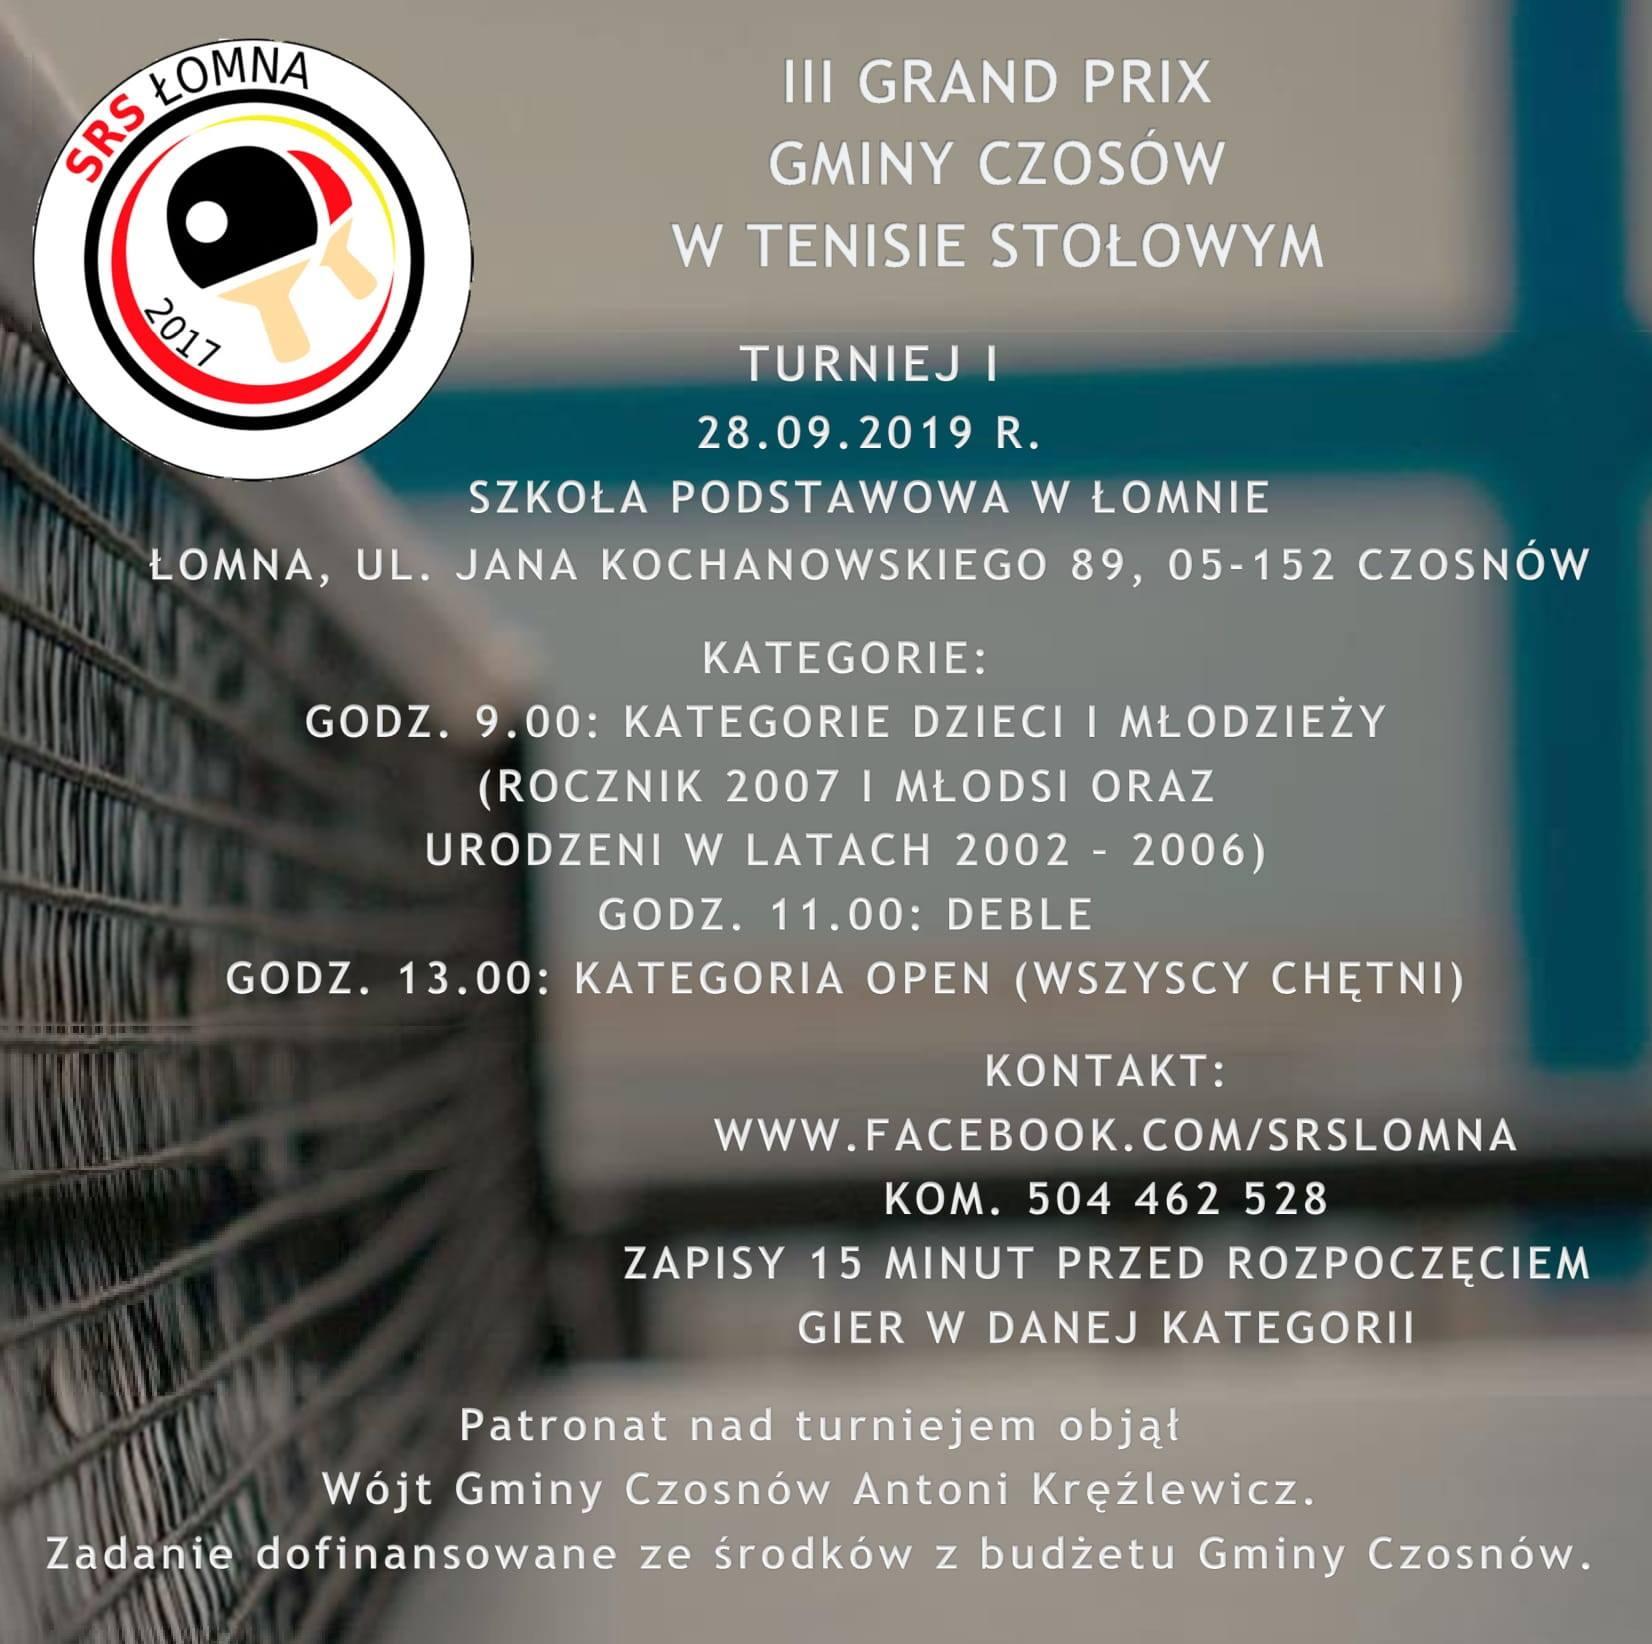 Plakat turnieju III Grand Prix Gminy Czosnów w Tenisie Stołowym - 4 Turniej